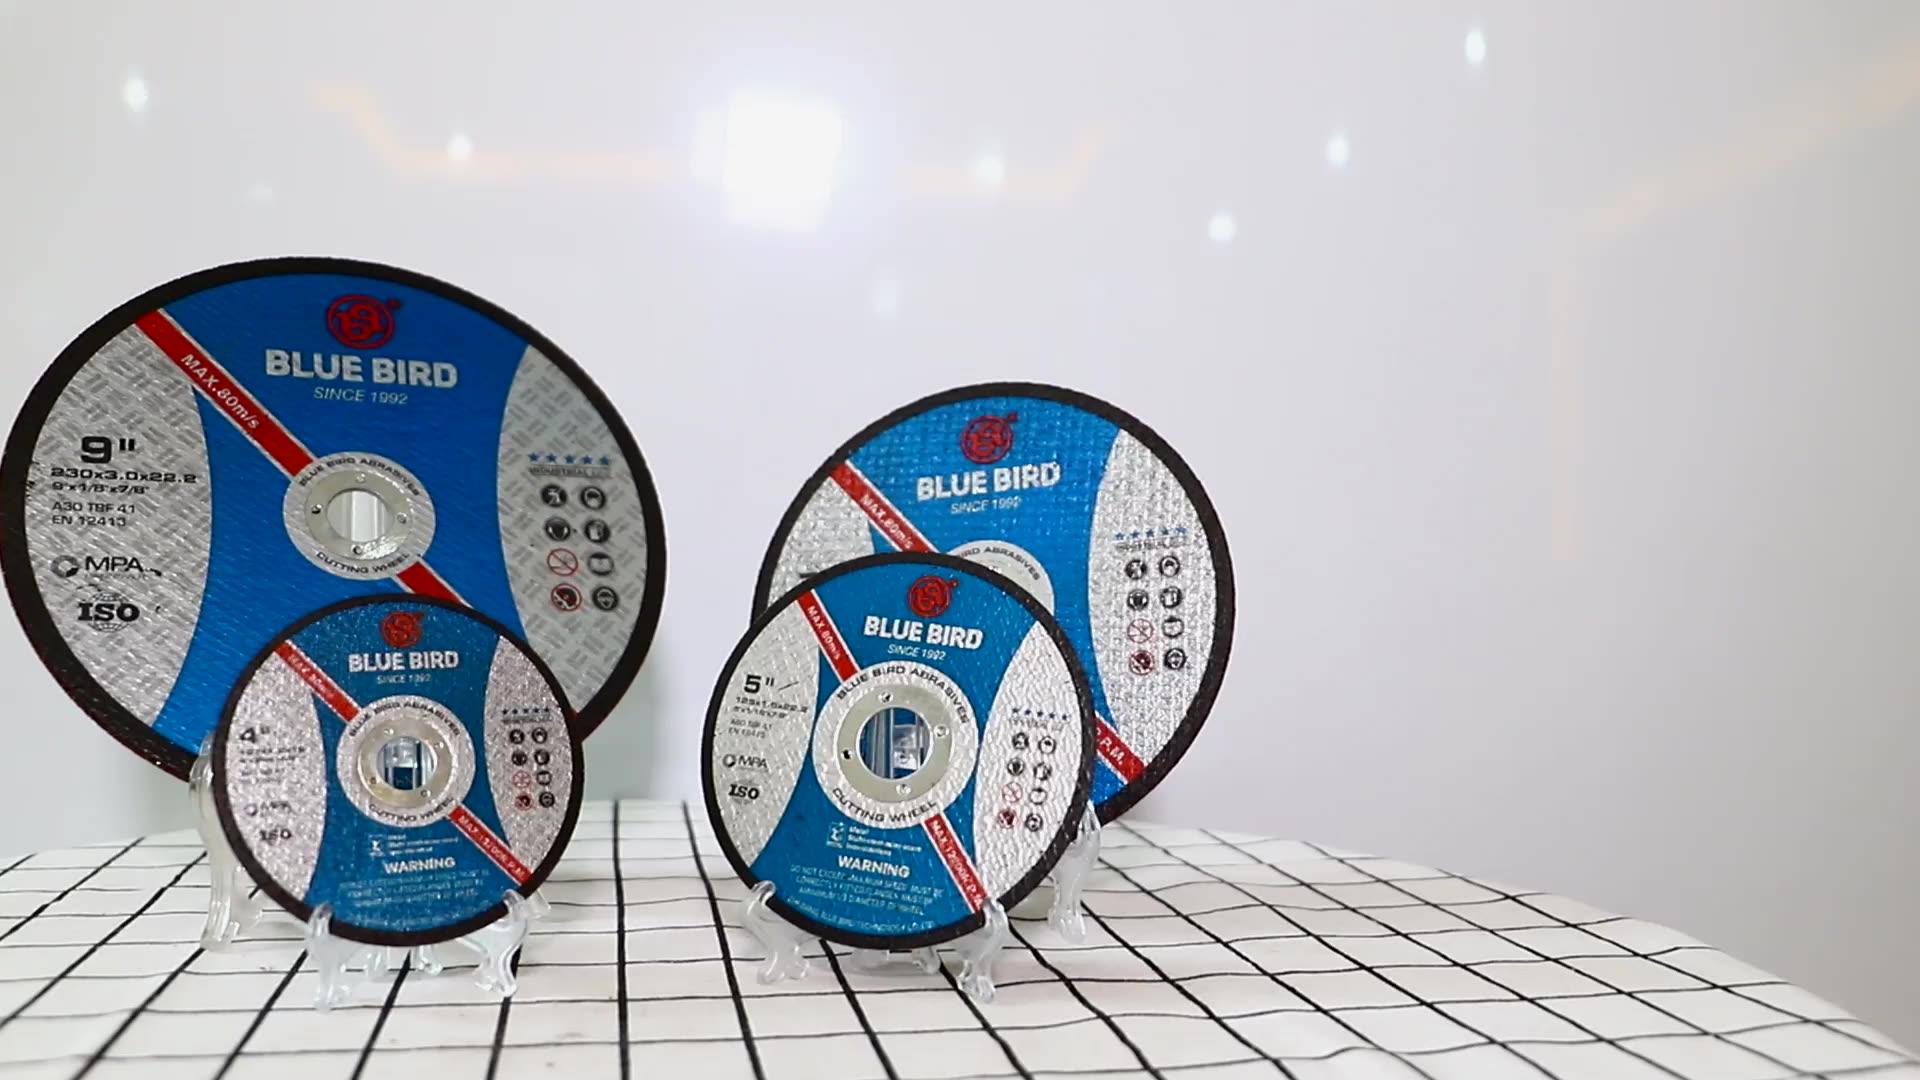 Ücretsiz örnek Bluebird 4 inç tekerlek ücretsiz çelik kesme elması tek diskli makine